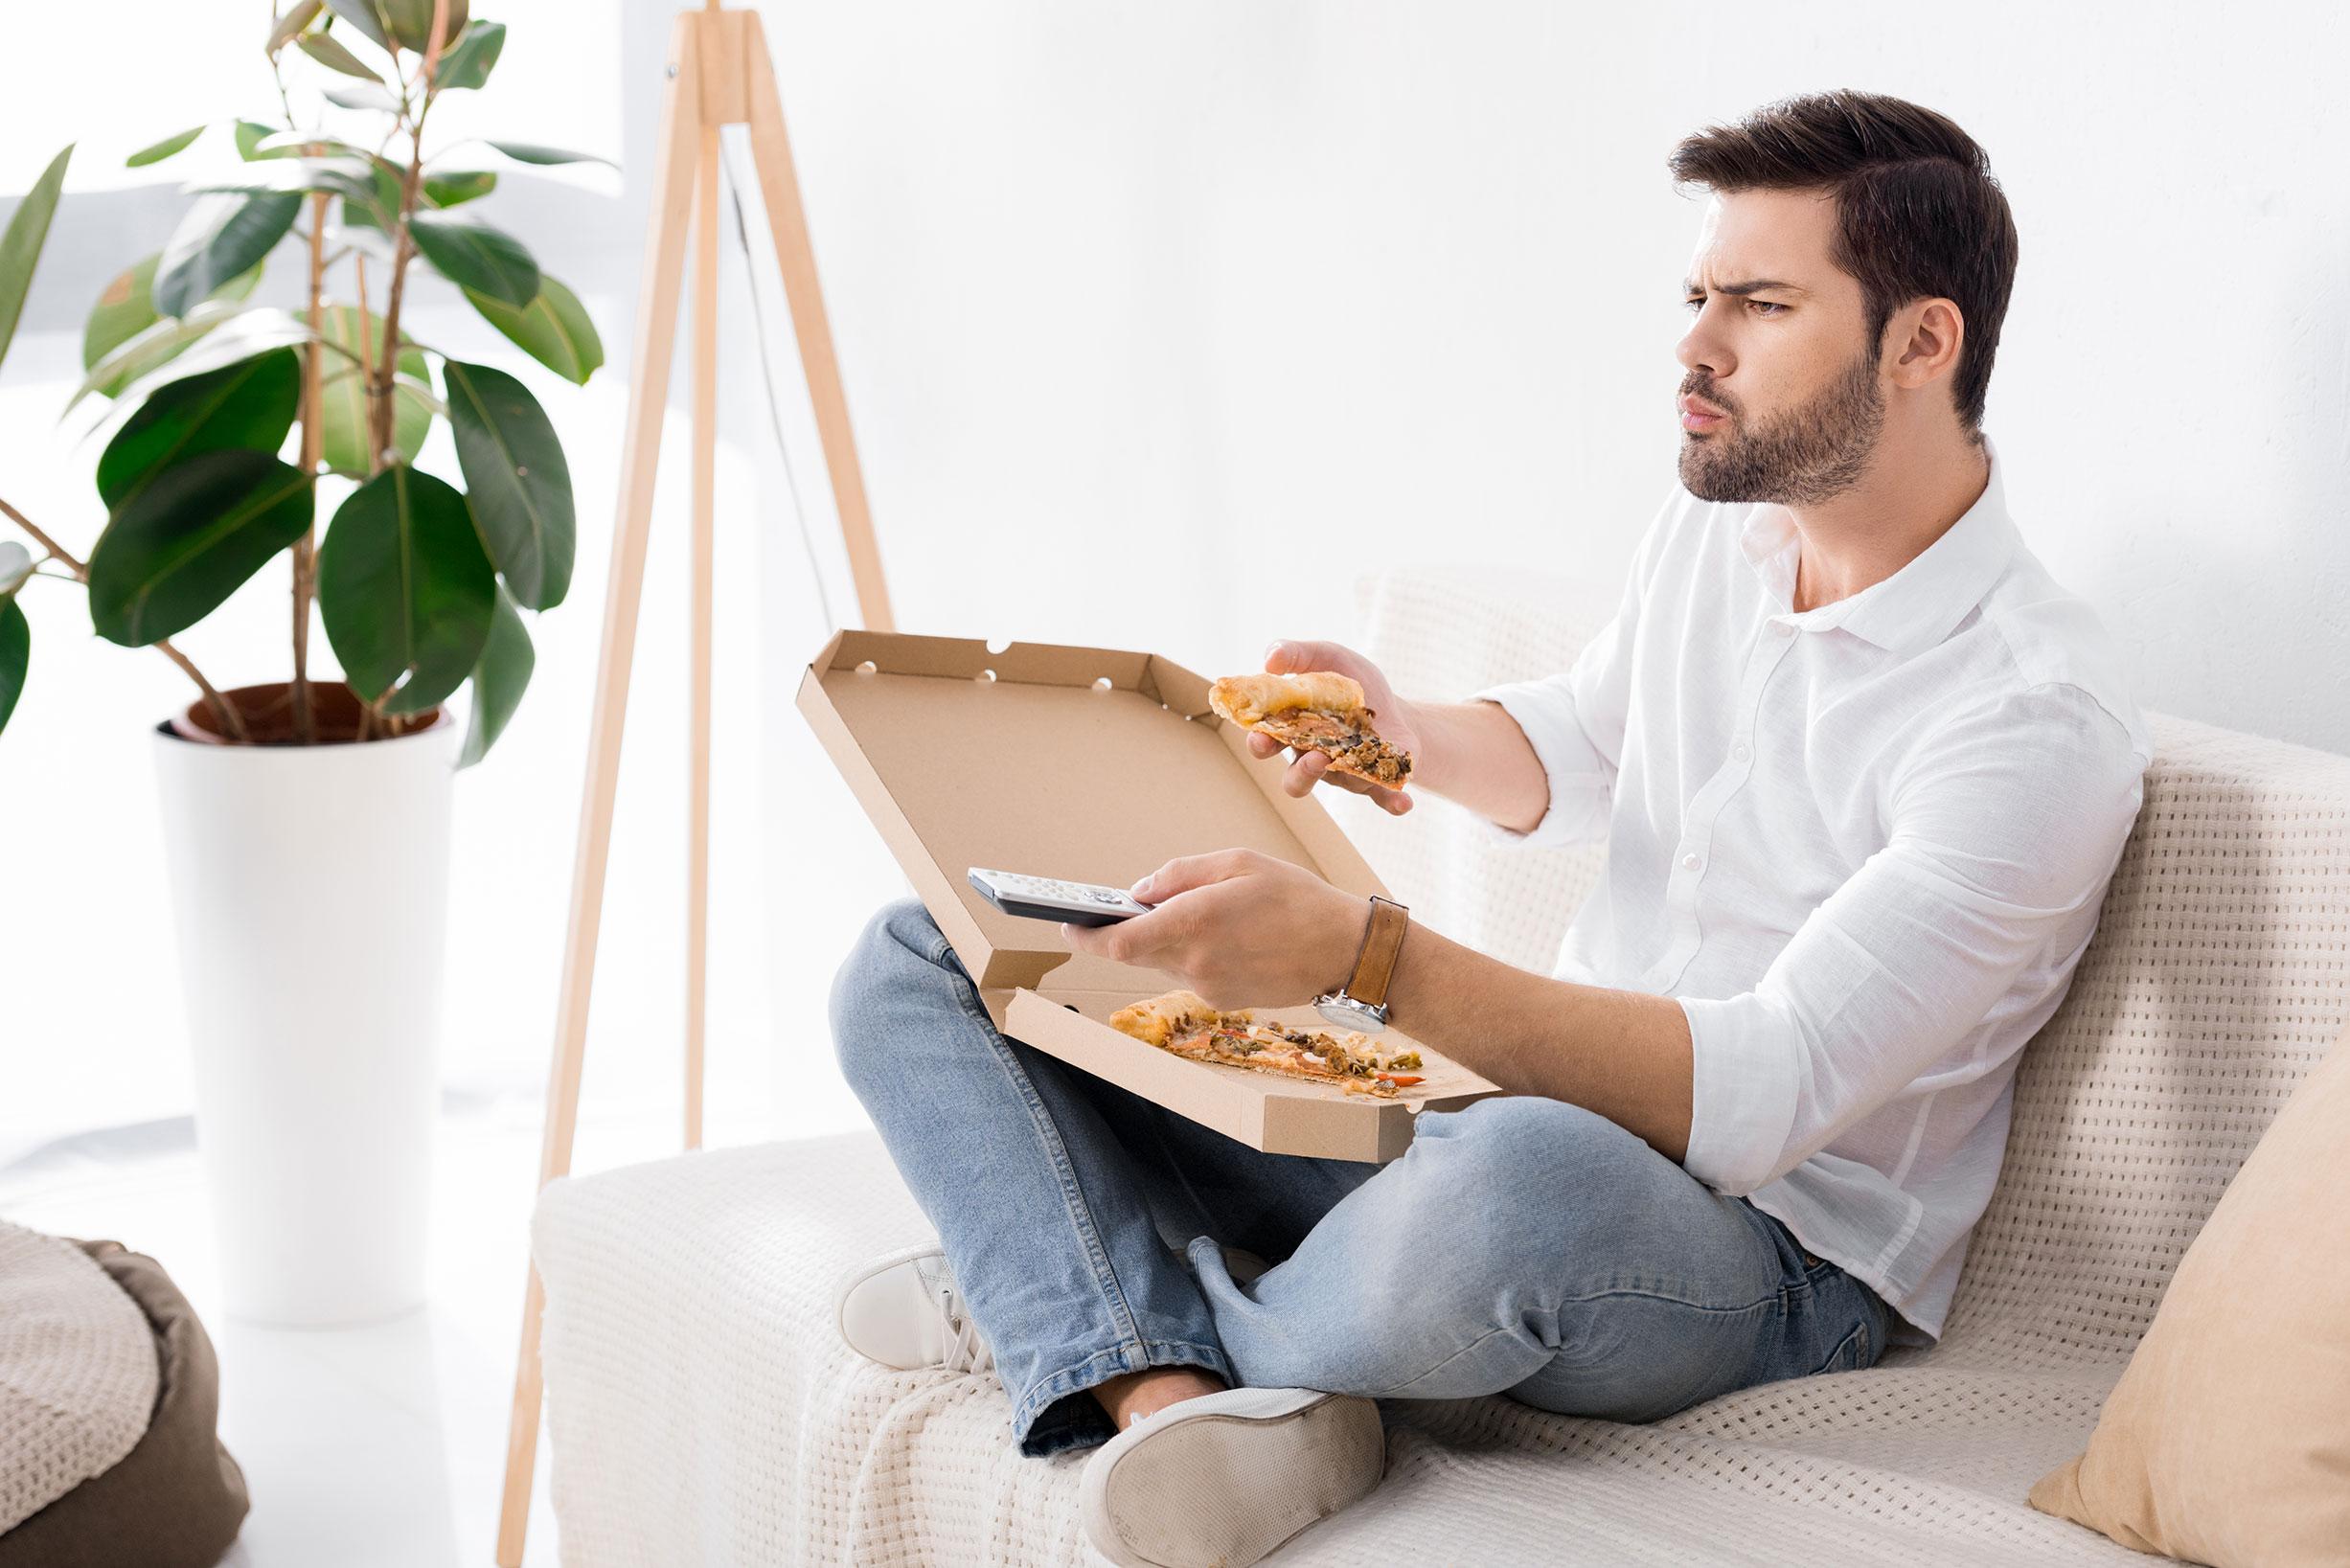 jelo ispred televizora